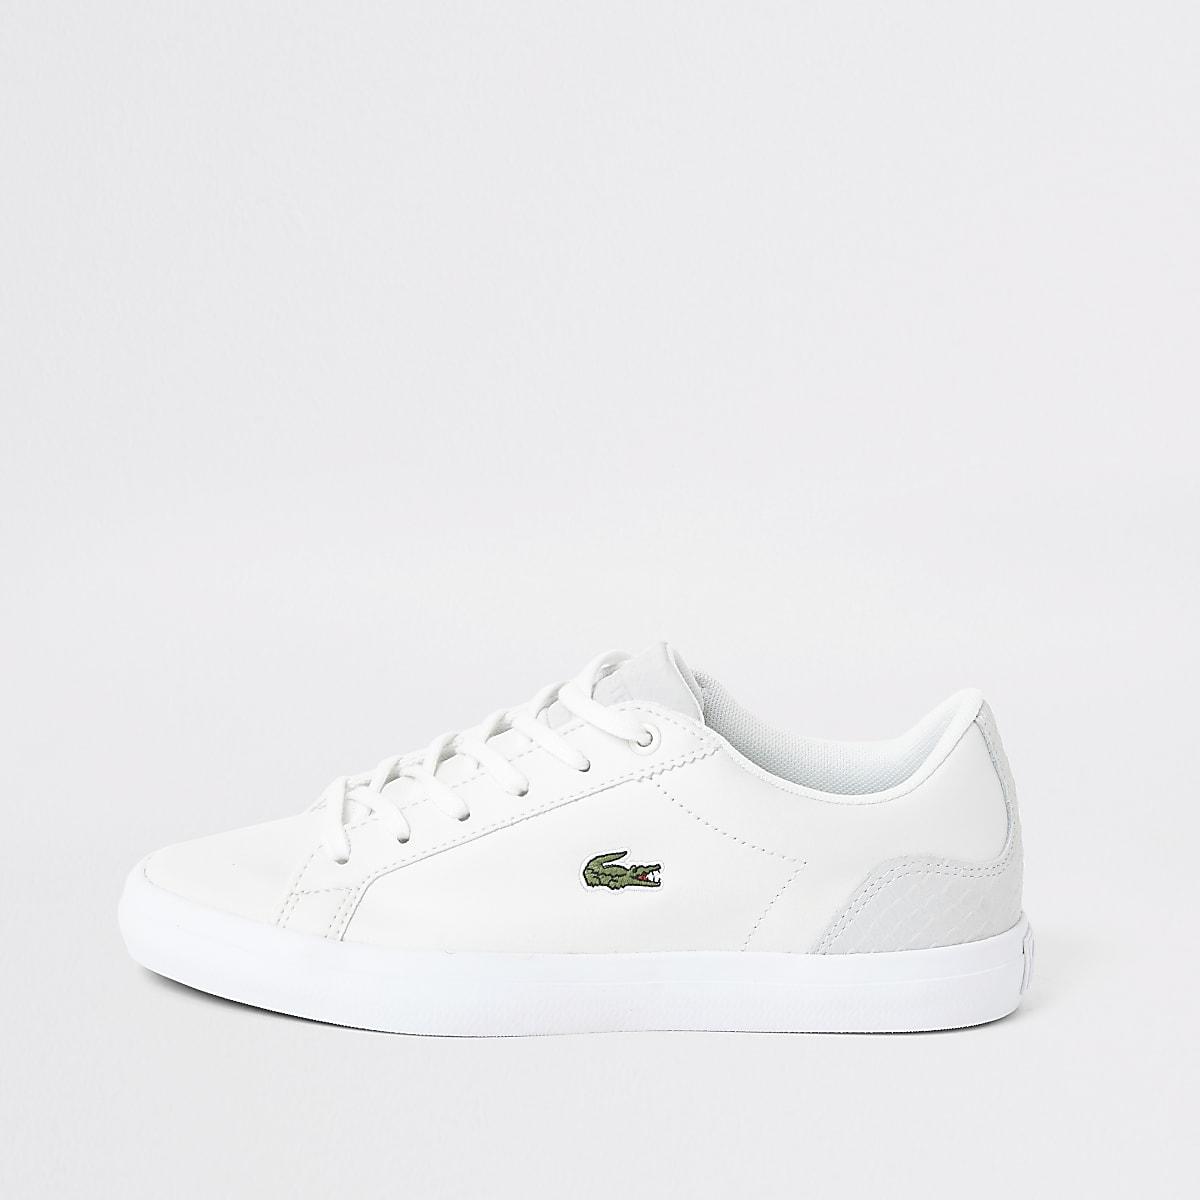 Lacoste - Witte leren sneakers met logo